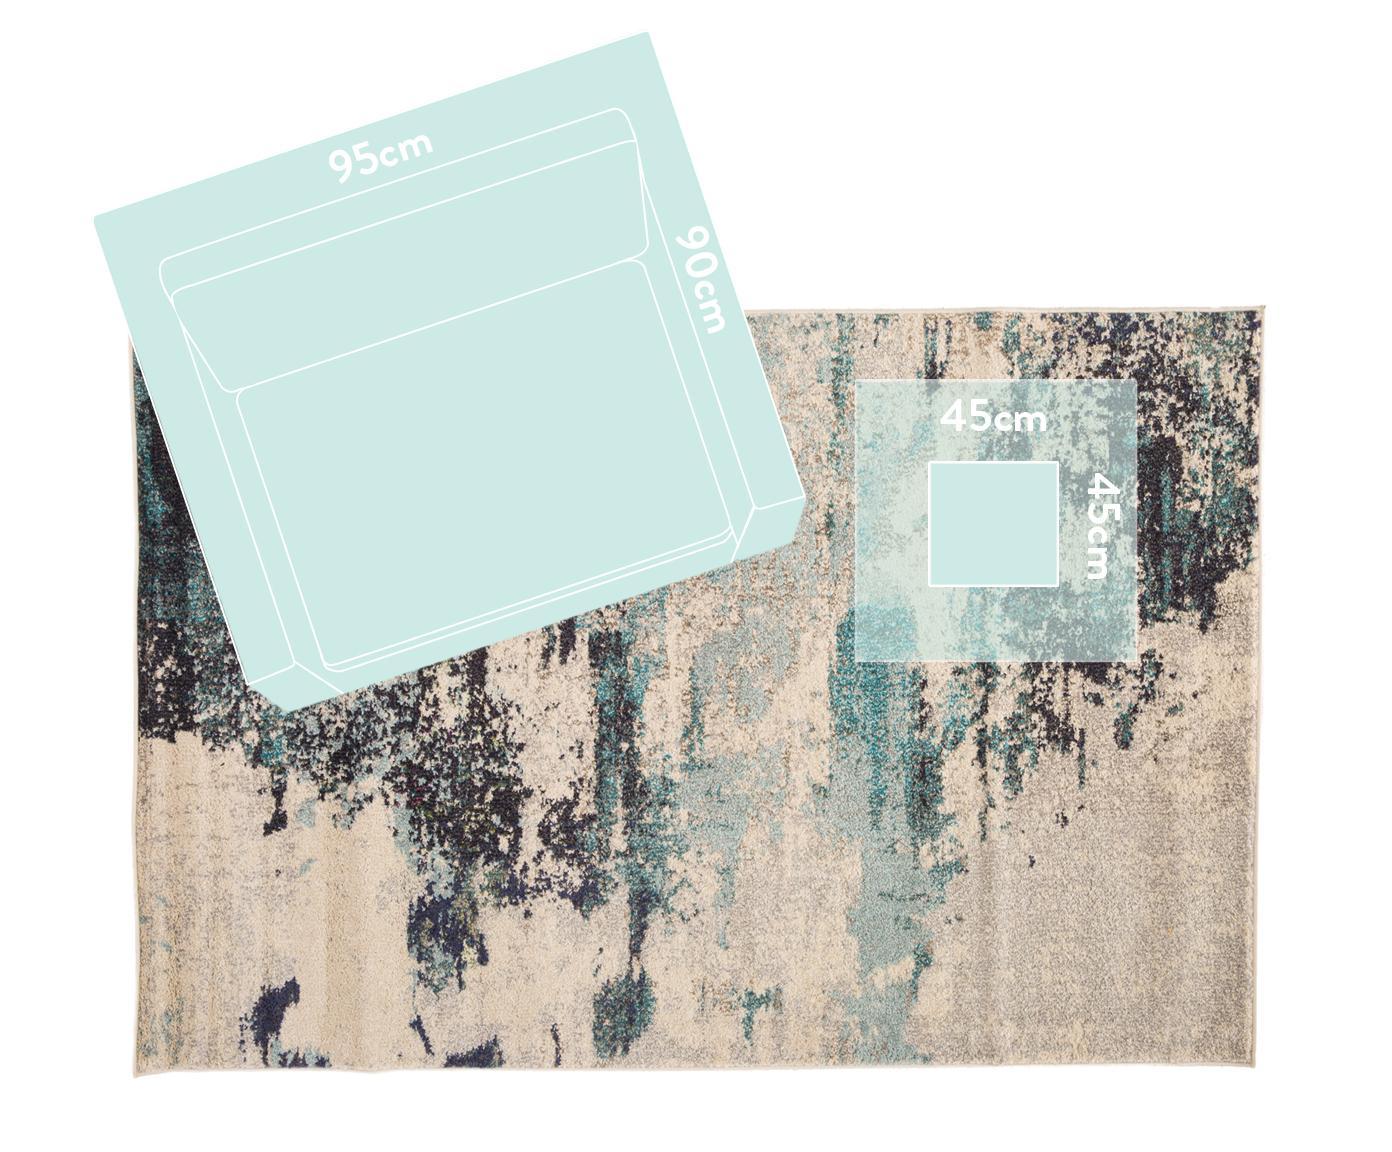 Tapis design bleu ivoire Celestial, Blanc ivoire, tons bleus